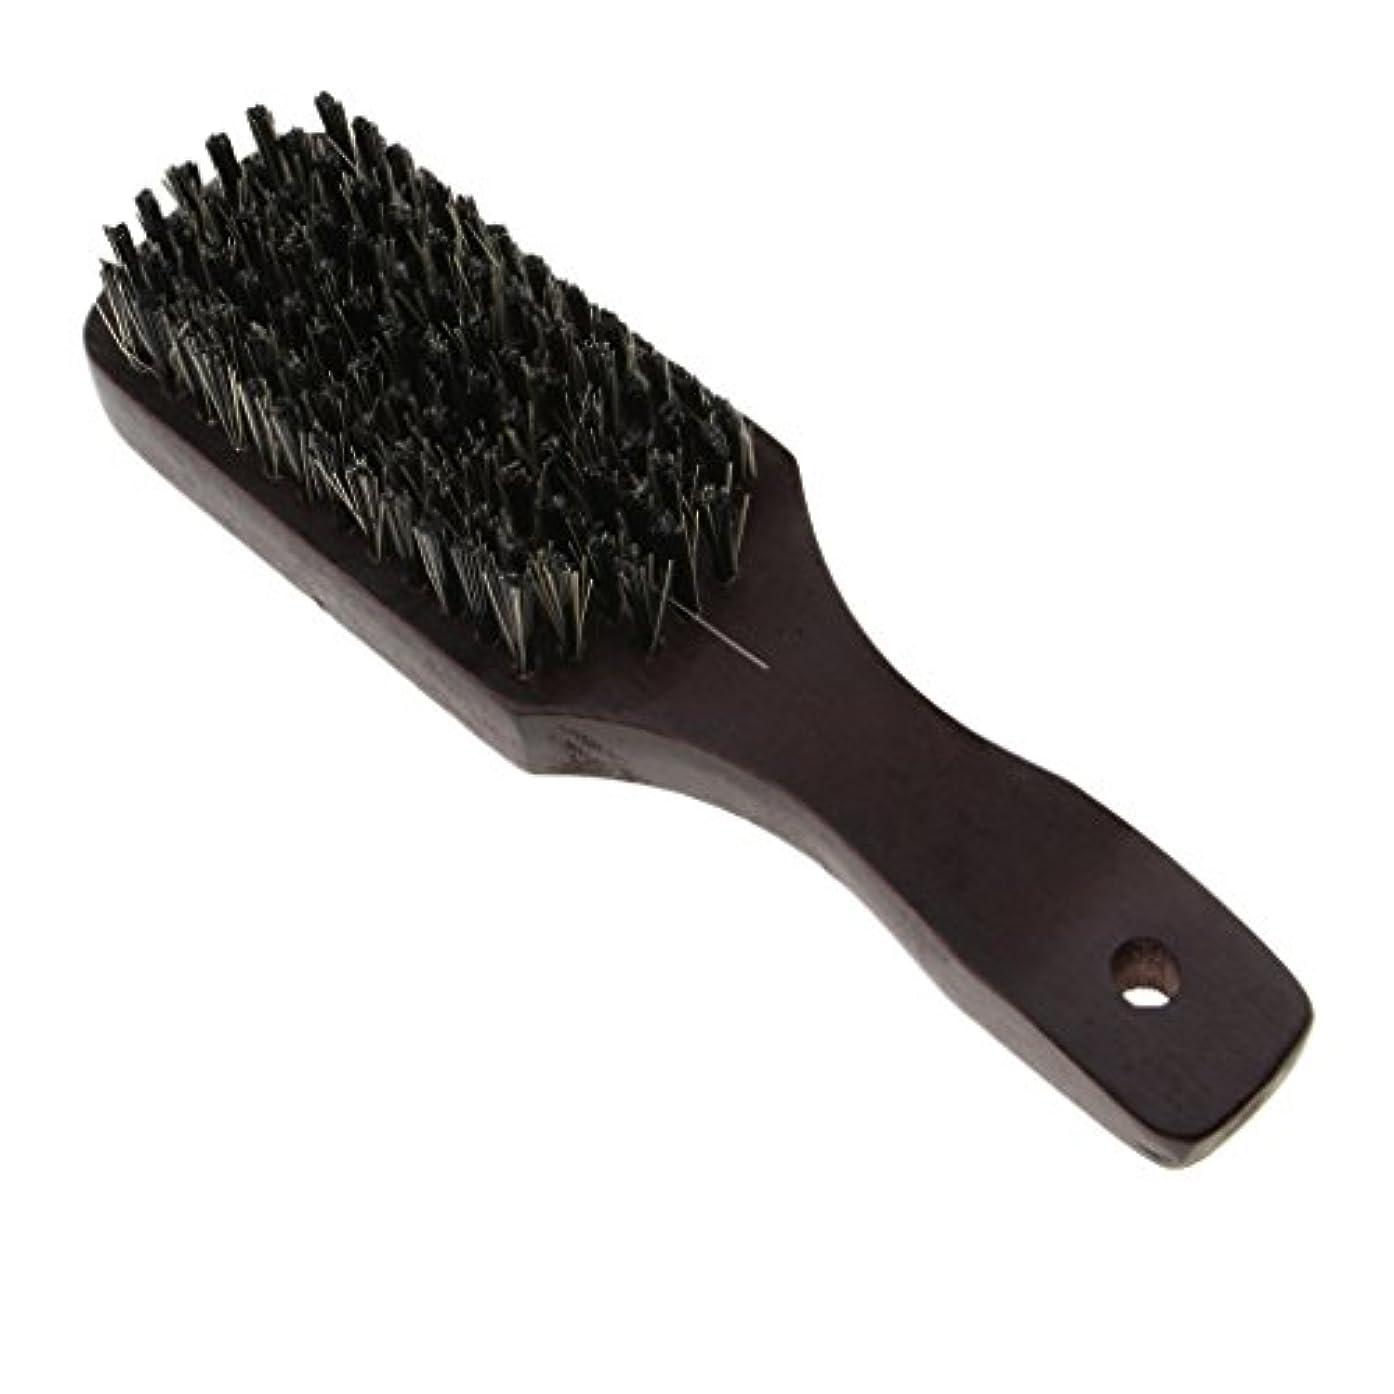 理容師滑りやすい廊下ヘアブラシ 髪の櫛 木製 サロン バリバー アフロ ヘアピック ブラシ 櫛